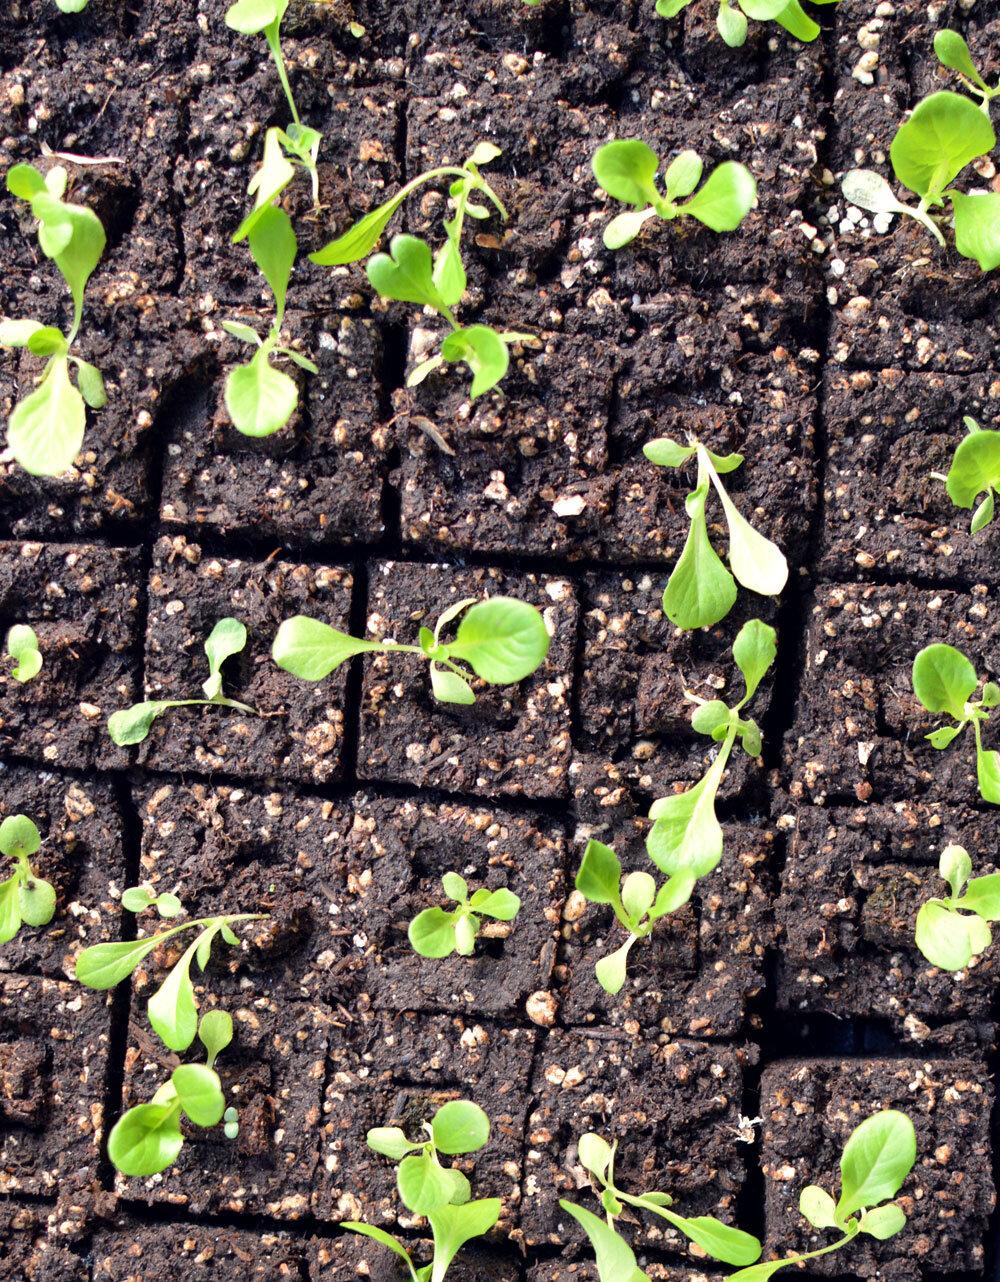 2-Inch-soil-blocks-lettuce.jpg